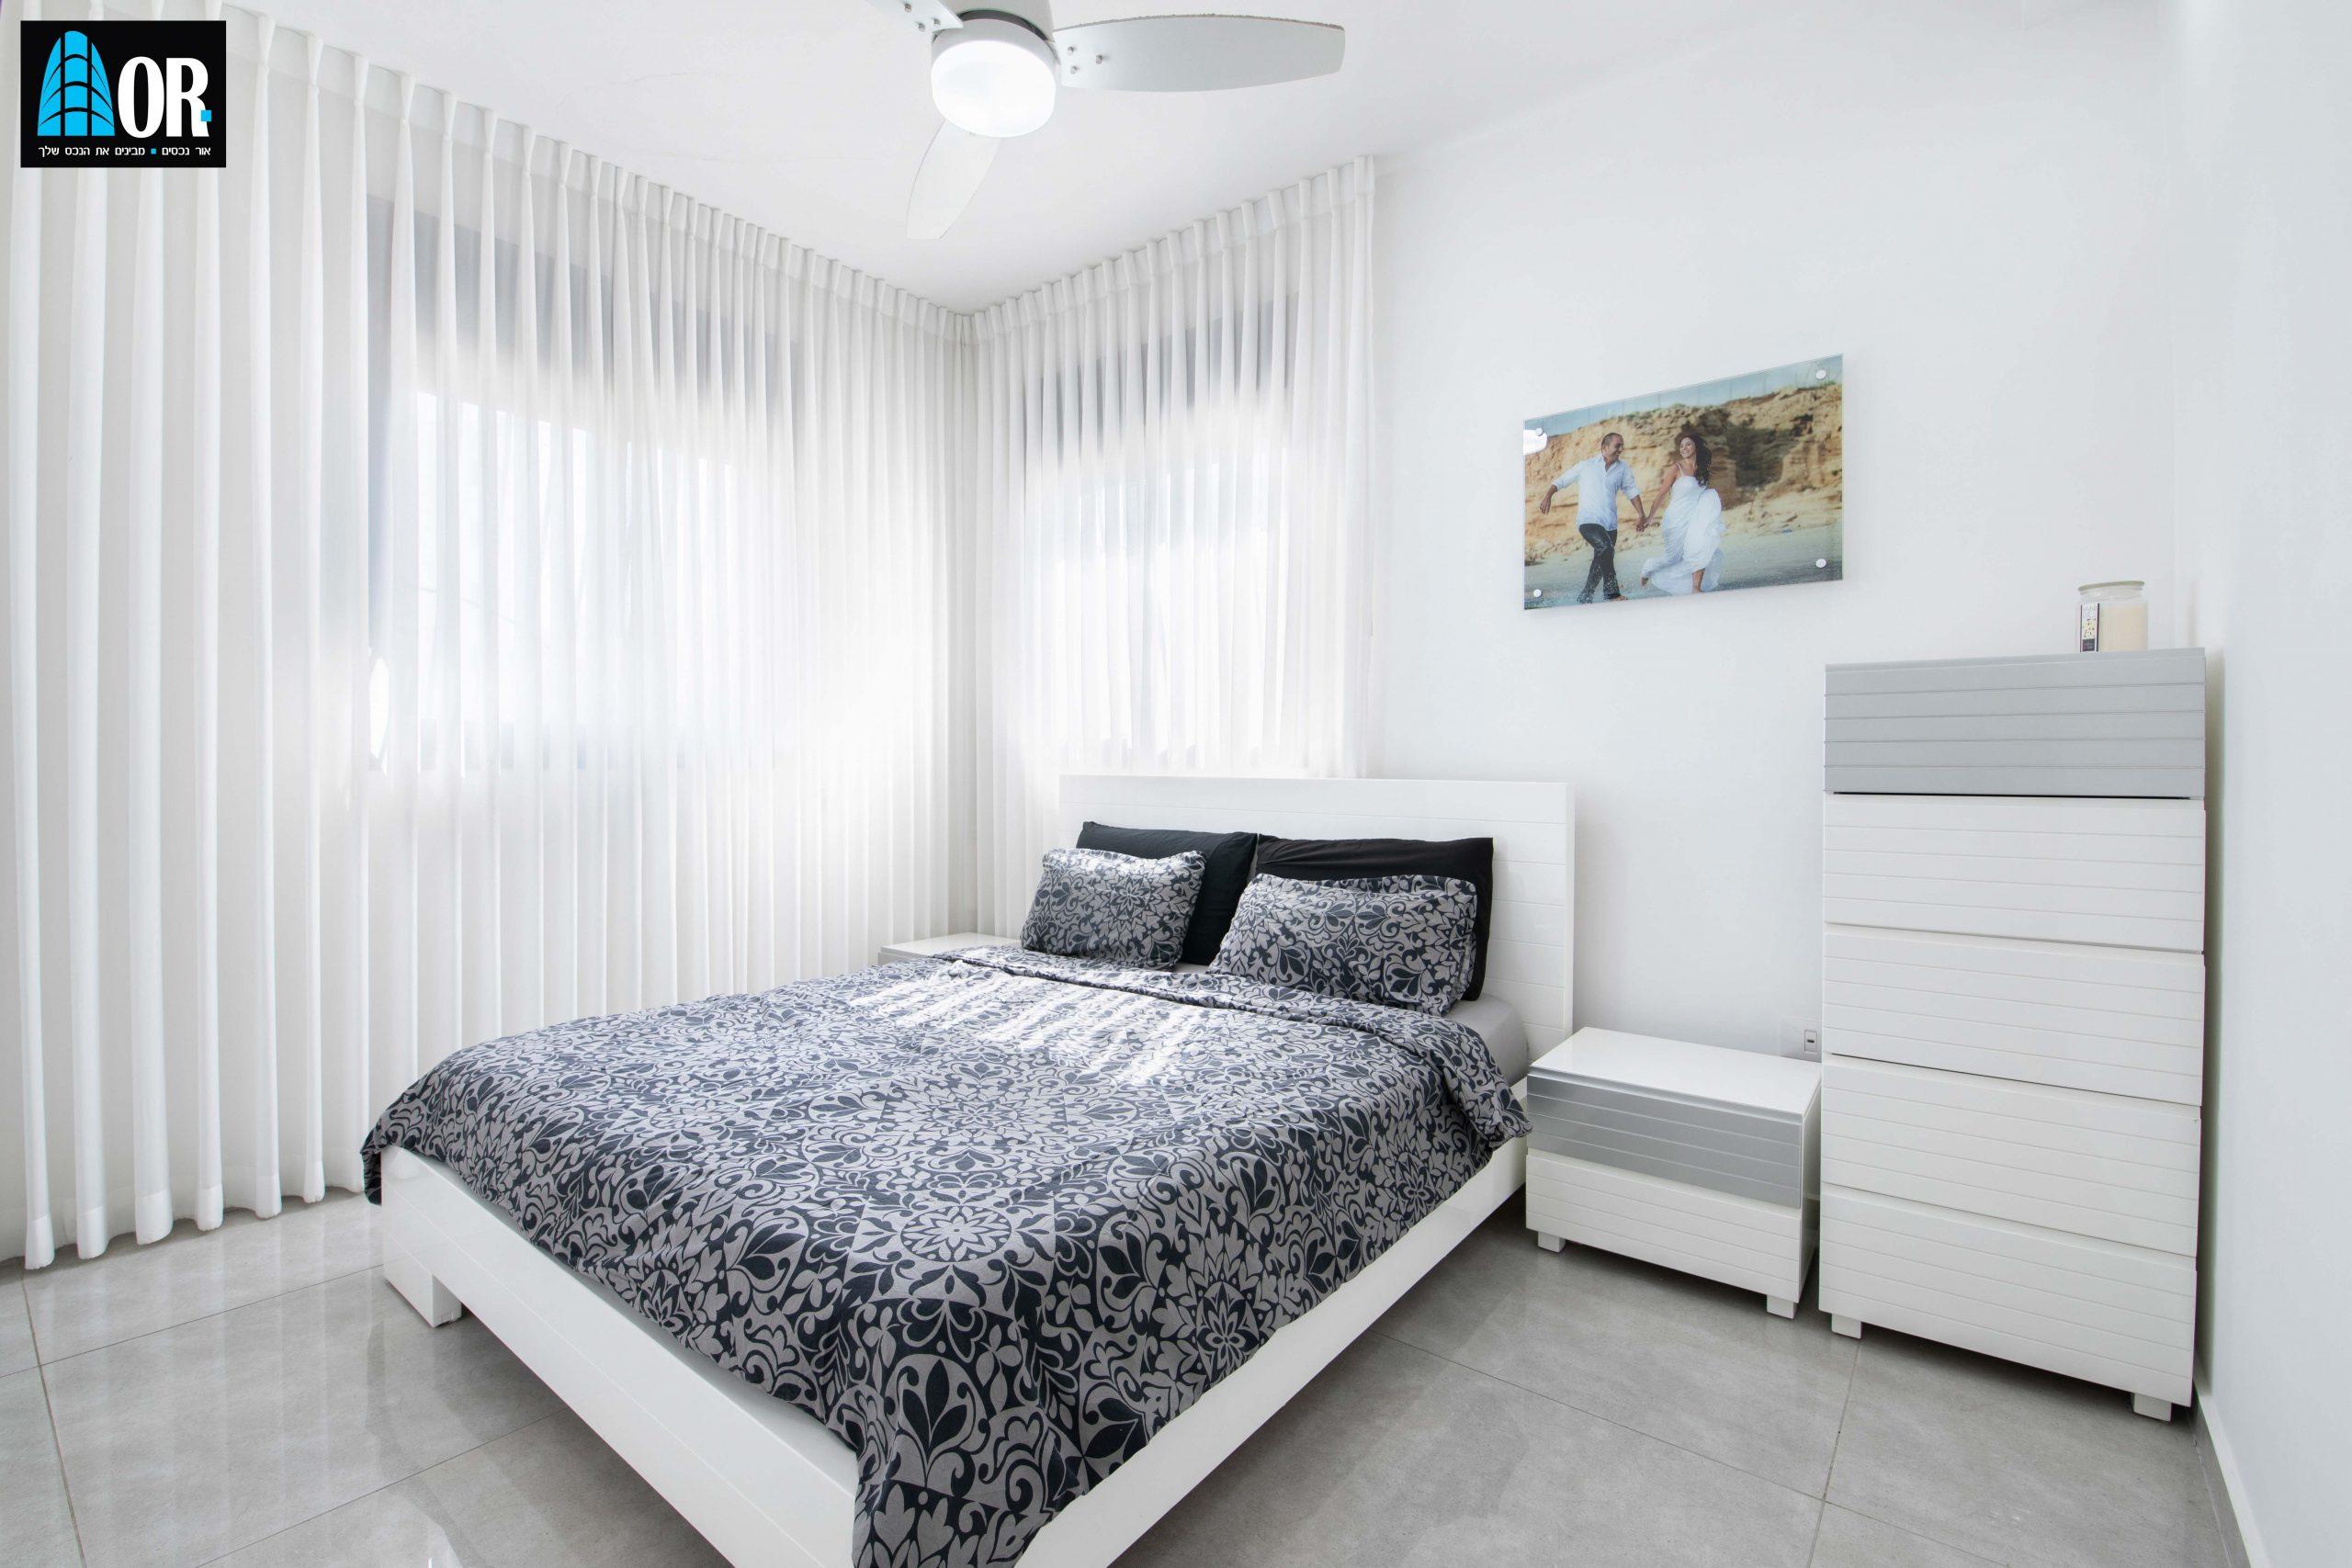 חדר הורים דירה 5 חדרים שכונה צמרות